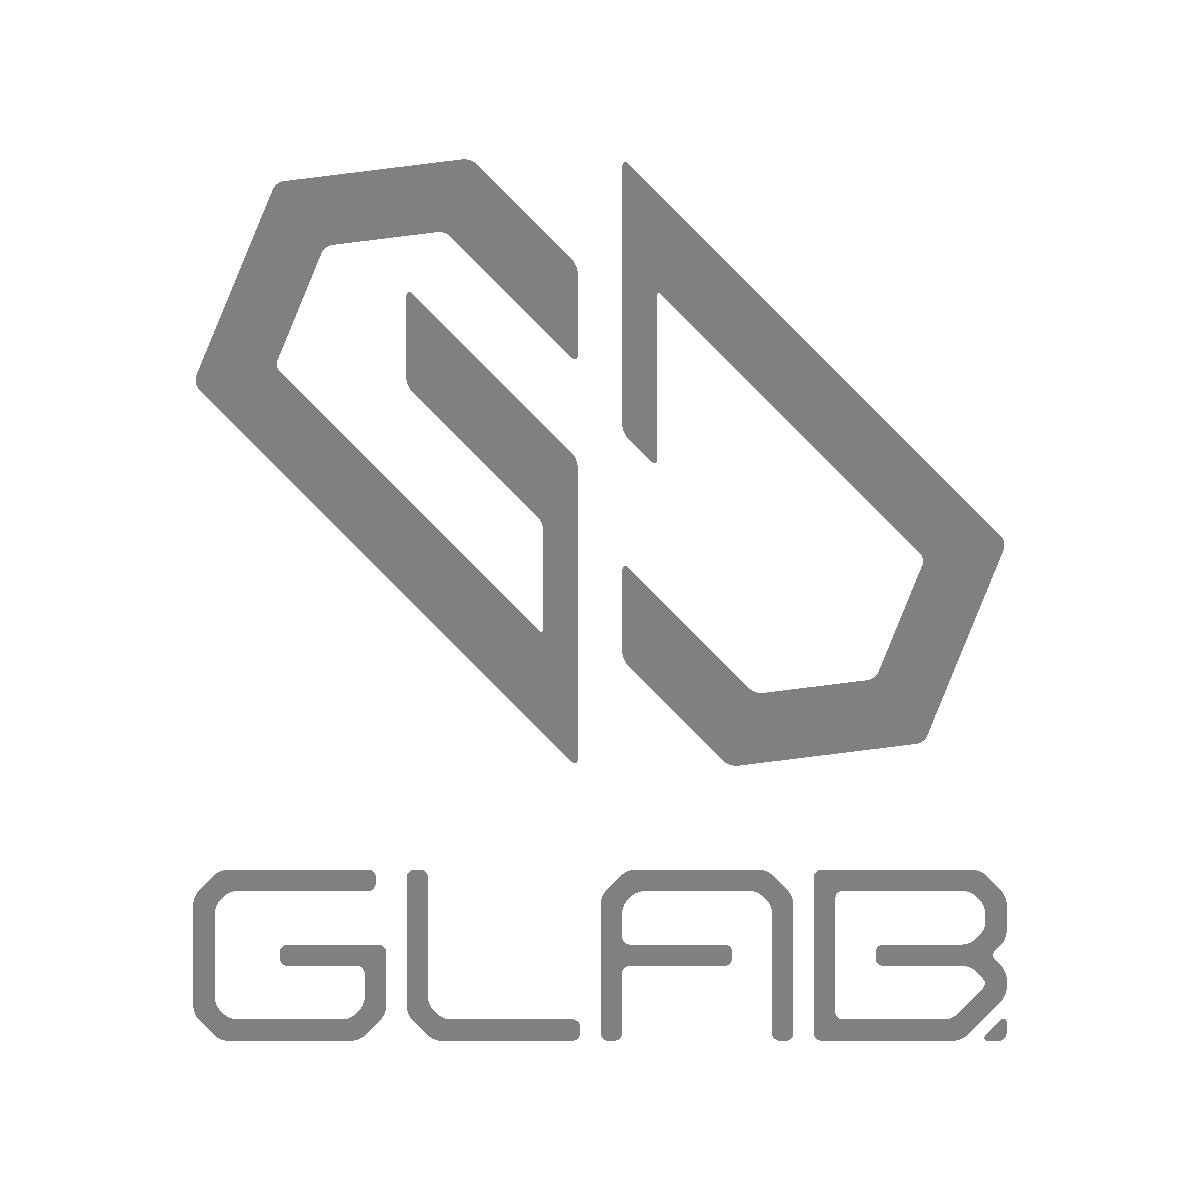 GLAB.